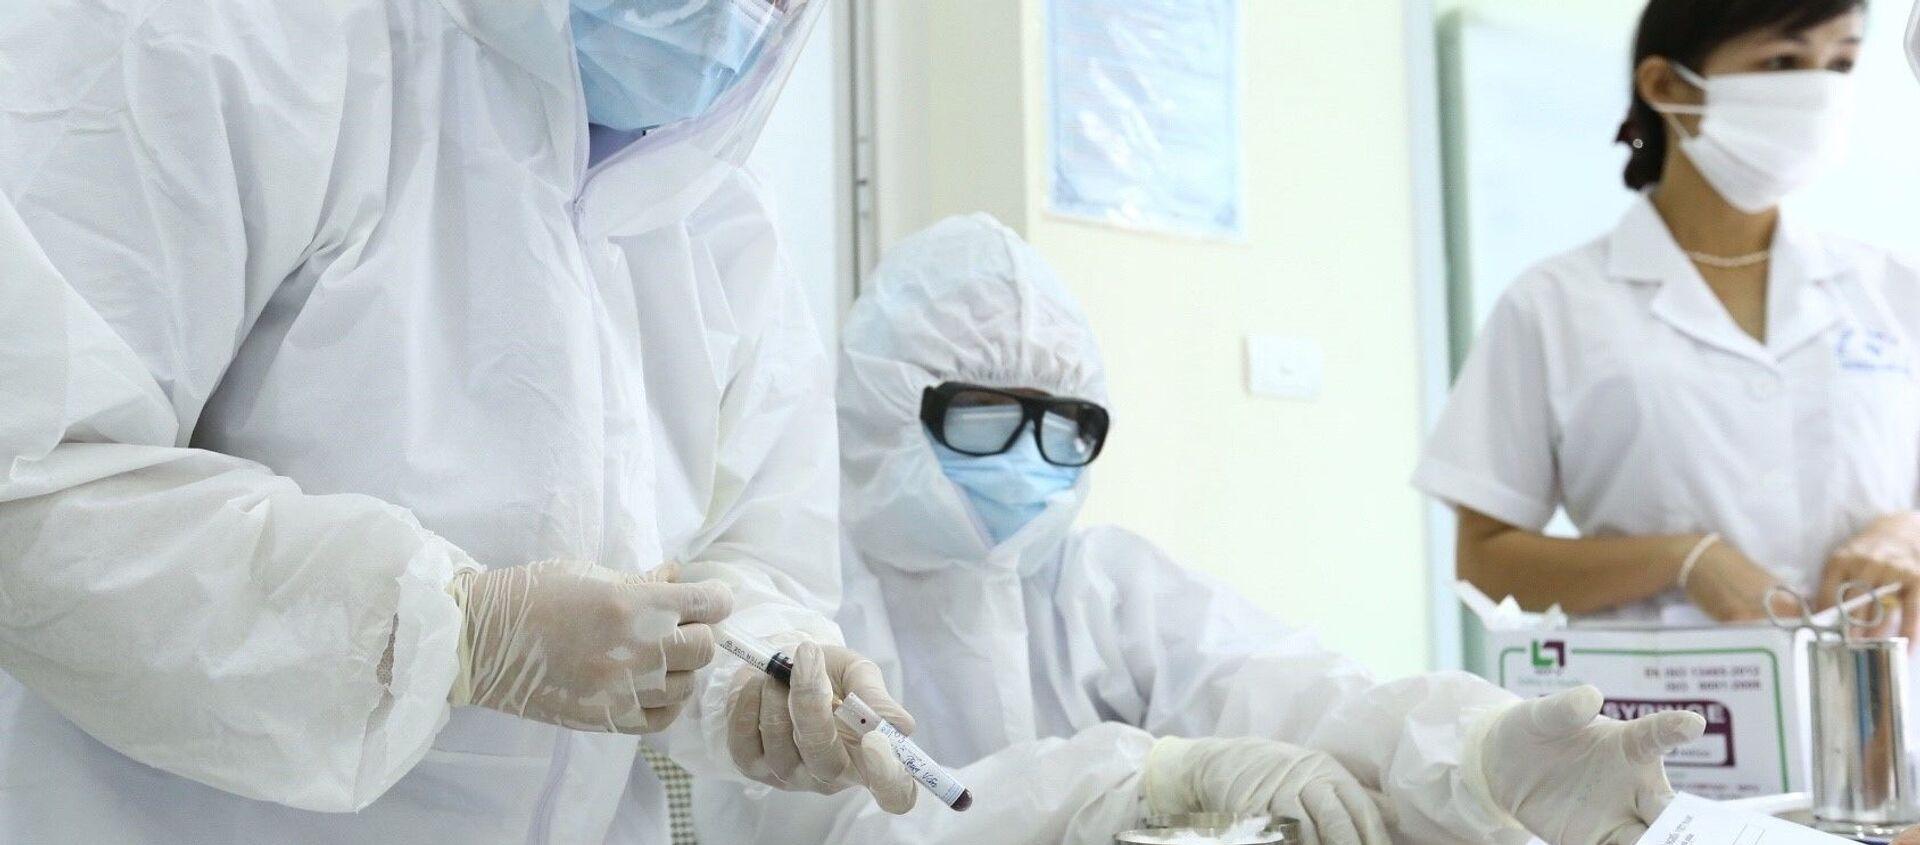 Nhân viên y tế lấy mẫu xét nghiệm nhanh cho người về từ Đà Nẵng, tại phường Bách Khoa và phường Cầu Dền (quận Hai Bà Trưng). - Sputnik Việt Nam, 1920, 08.08.2020